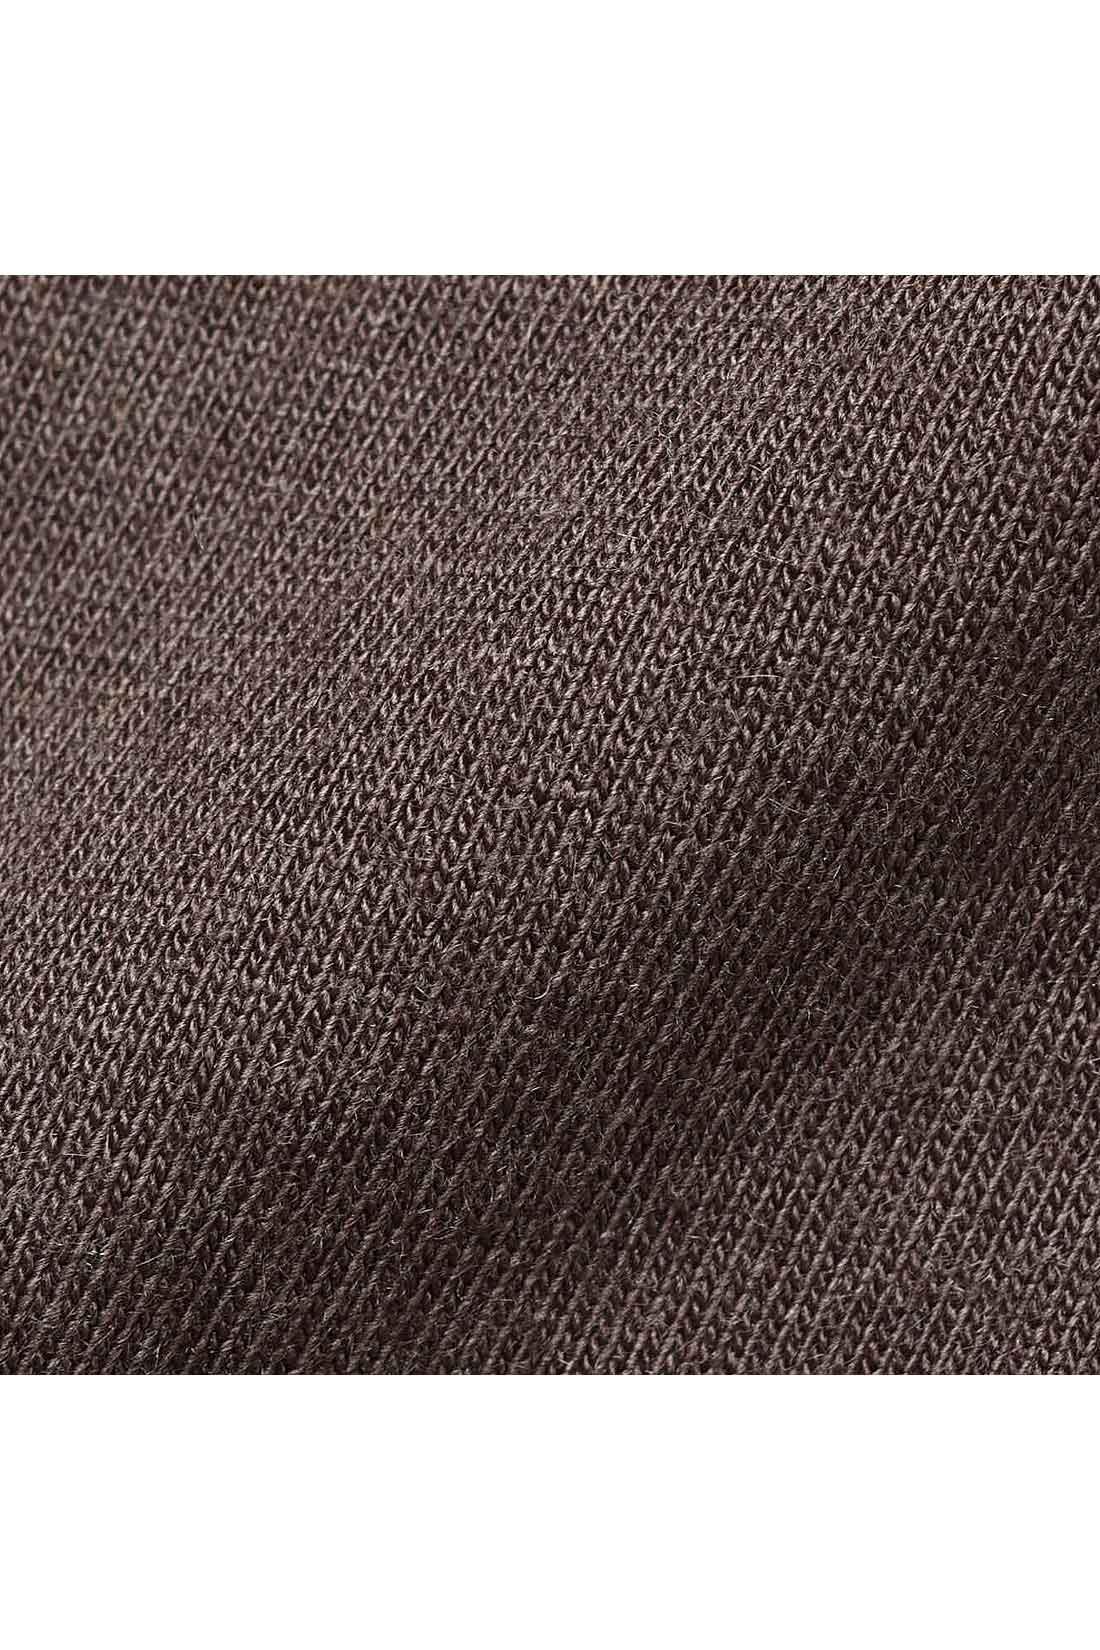 100%天然由来の新素材。やわらかく通気性のよいバイロフトを使用した綿混素材でいつもさらさら。